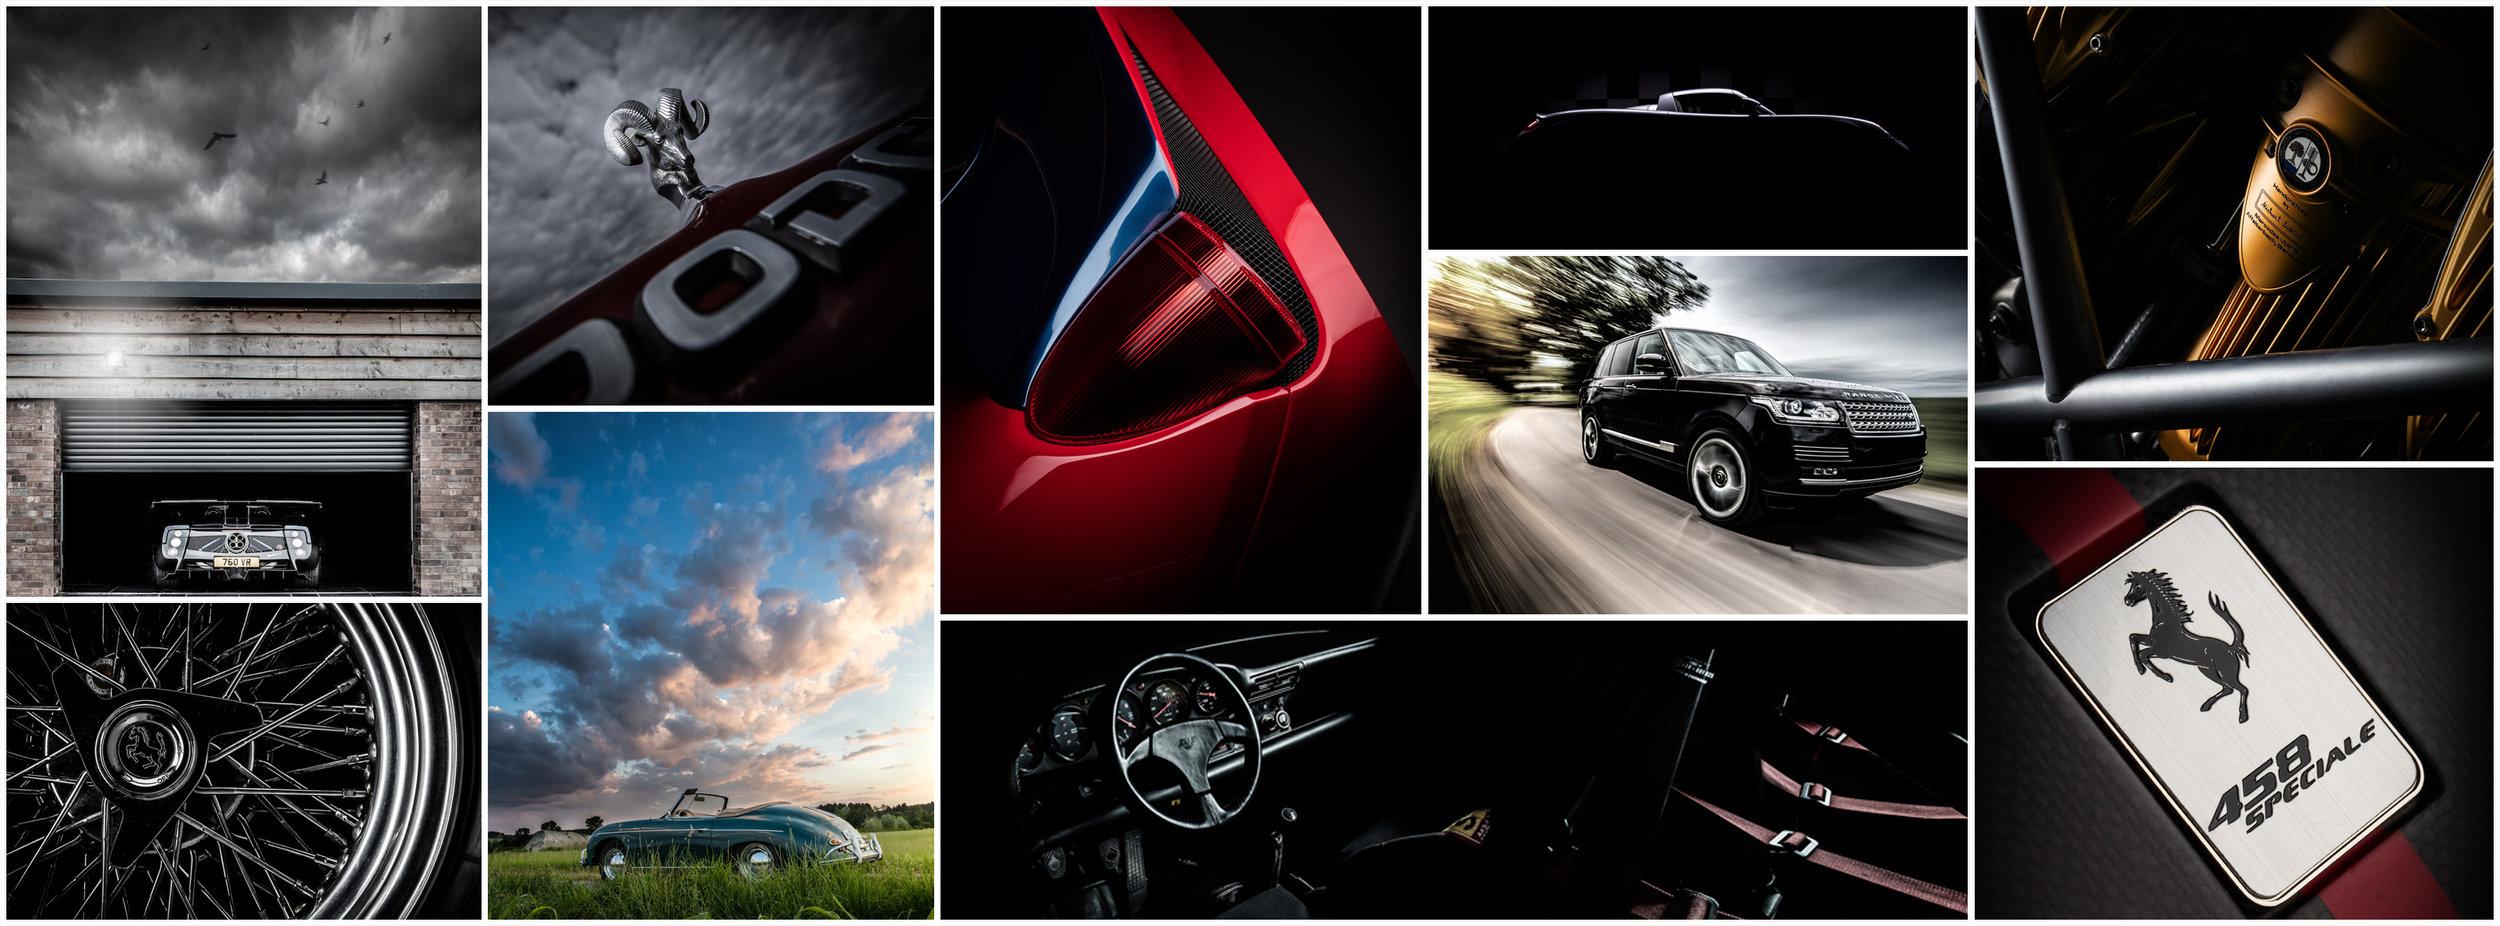 automotive photography by reflect light